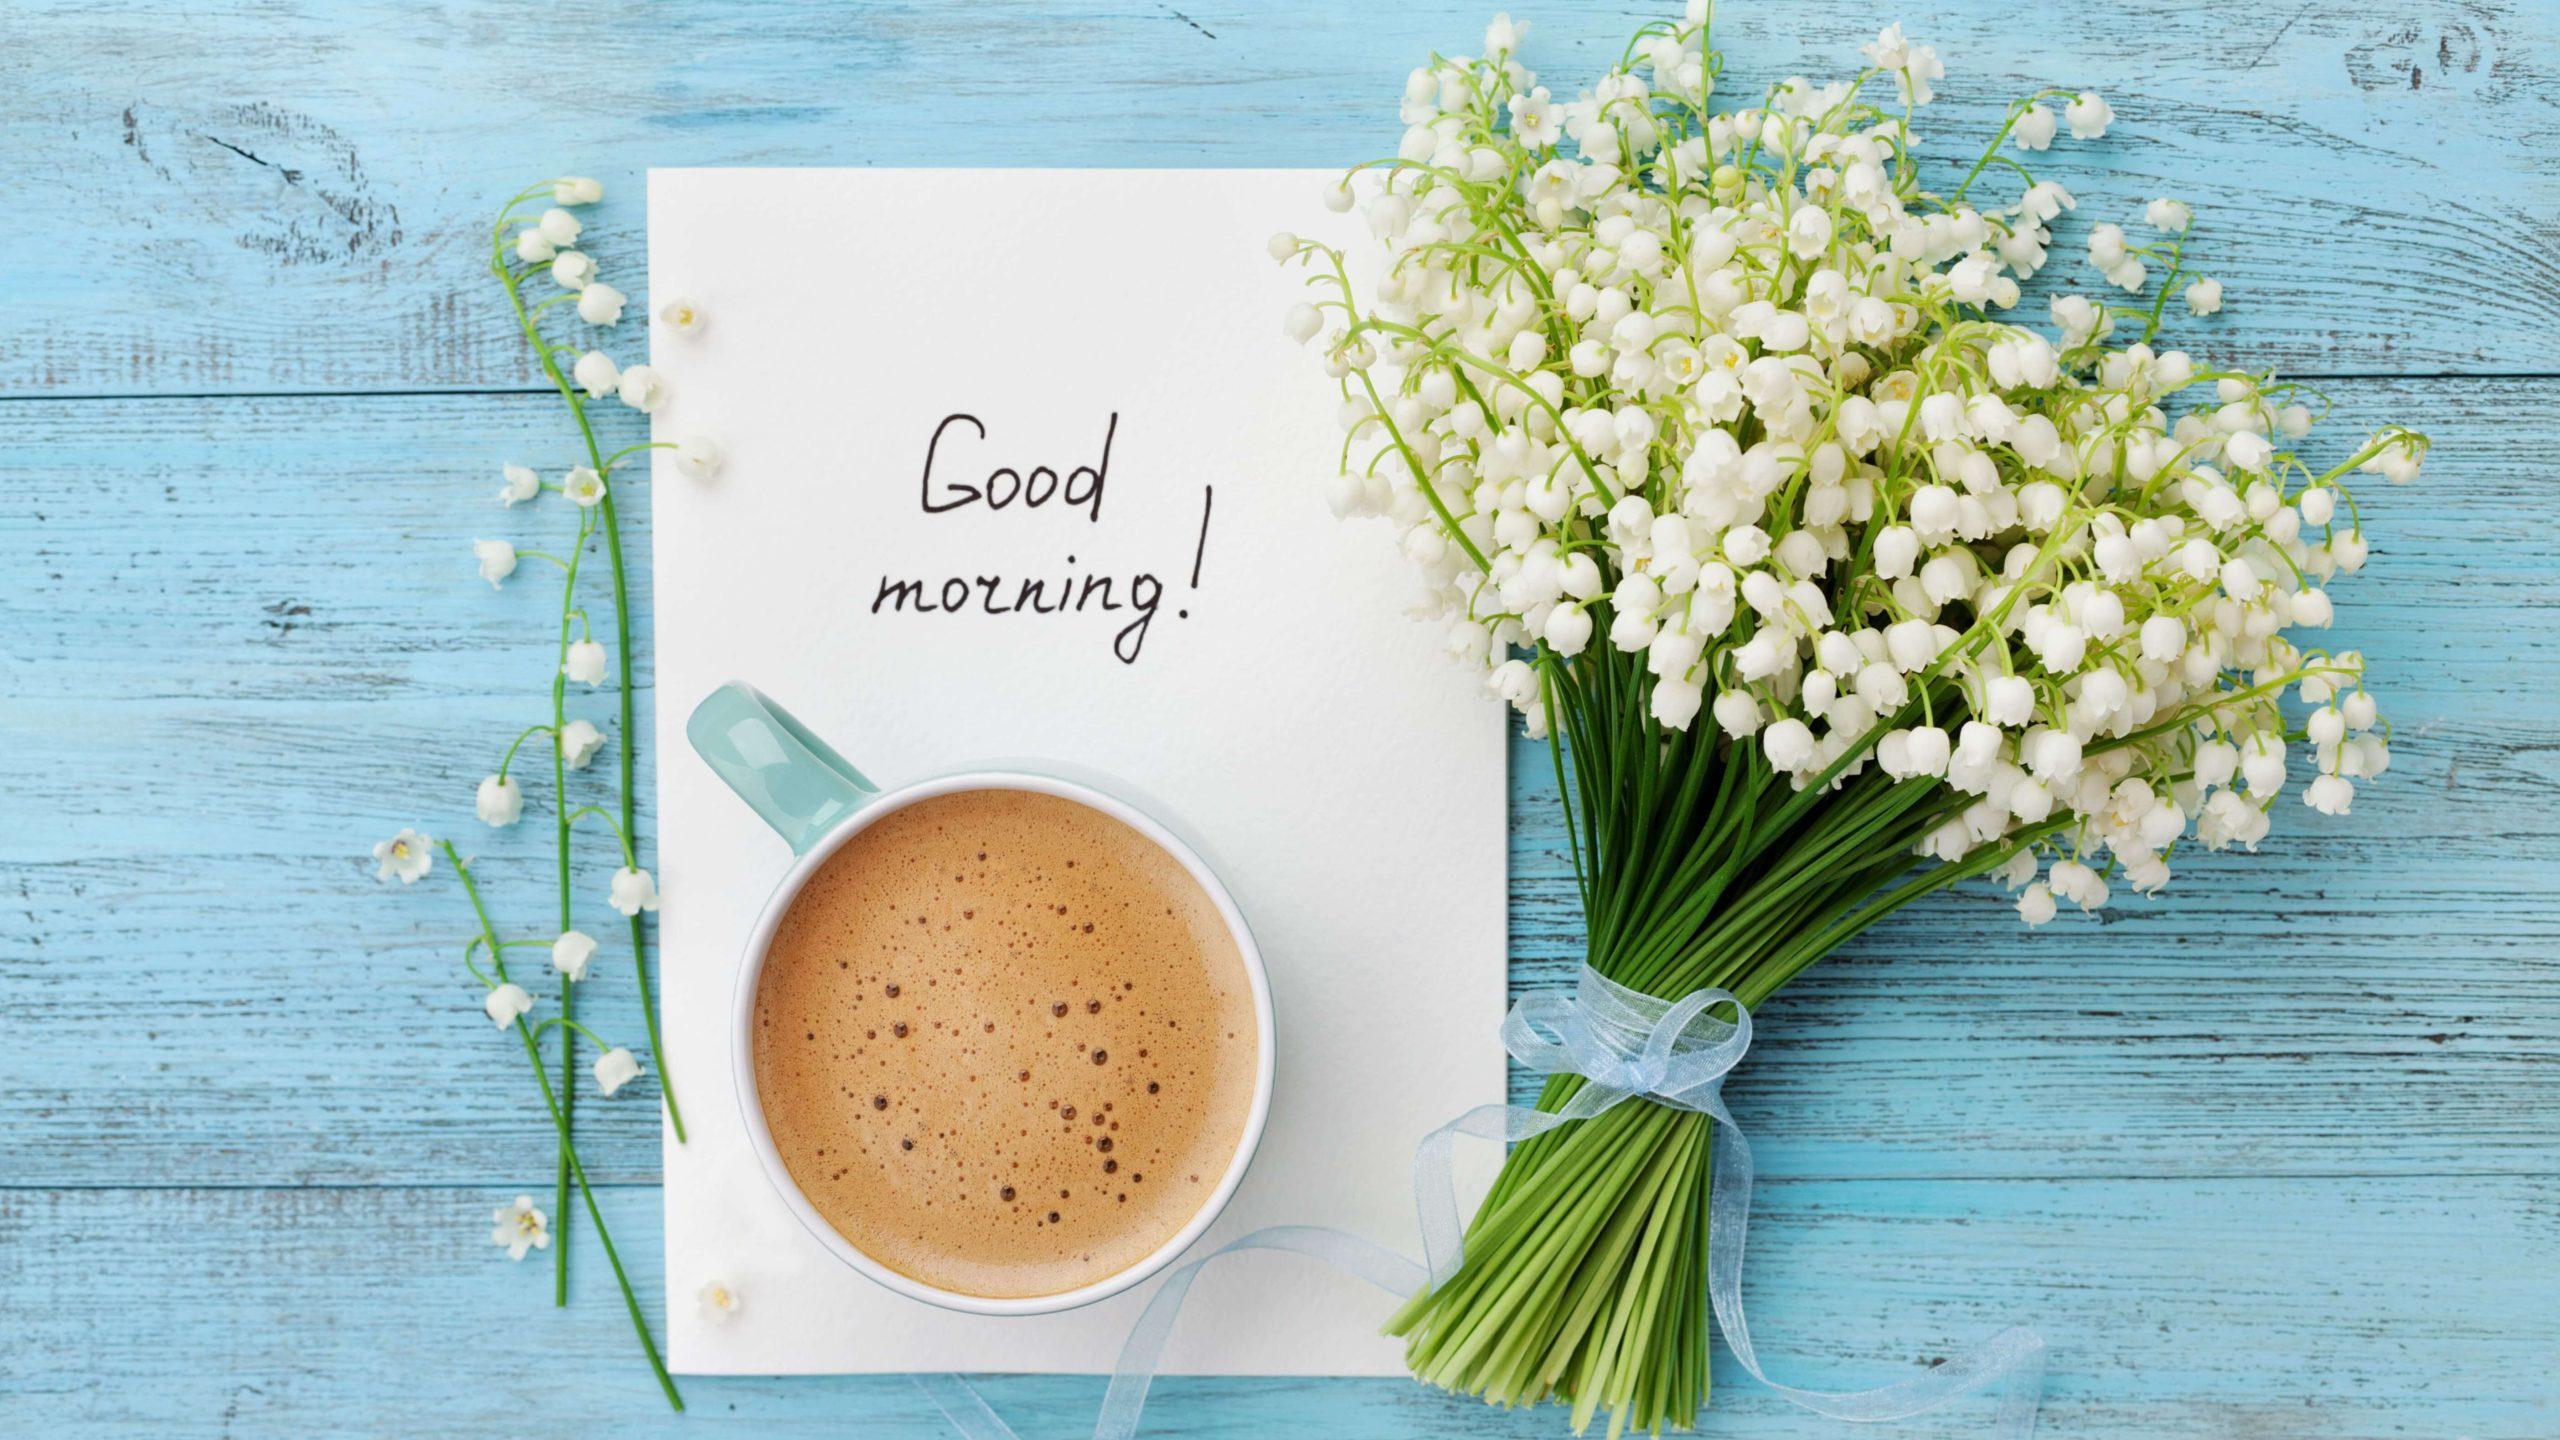 朝活と婚活は相性バツグン!朝カフェコンや朝街コンの新しい魅力とは